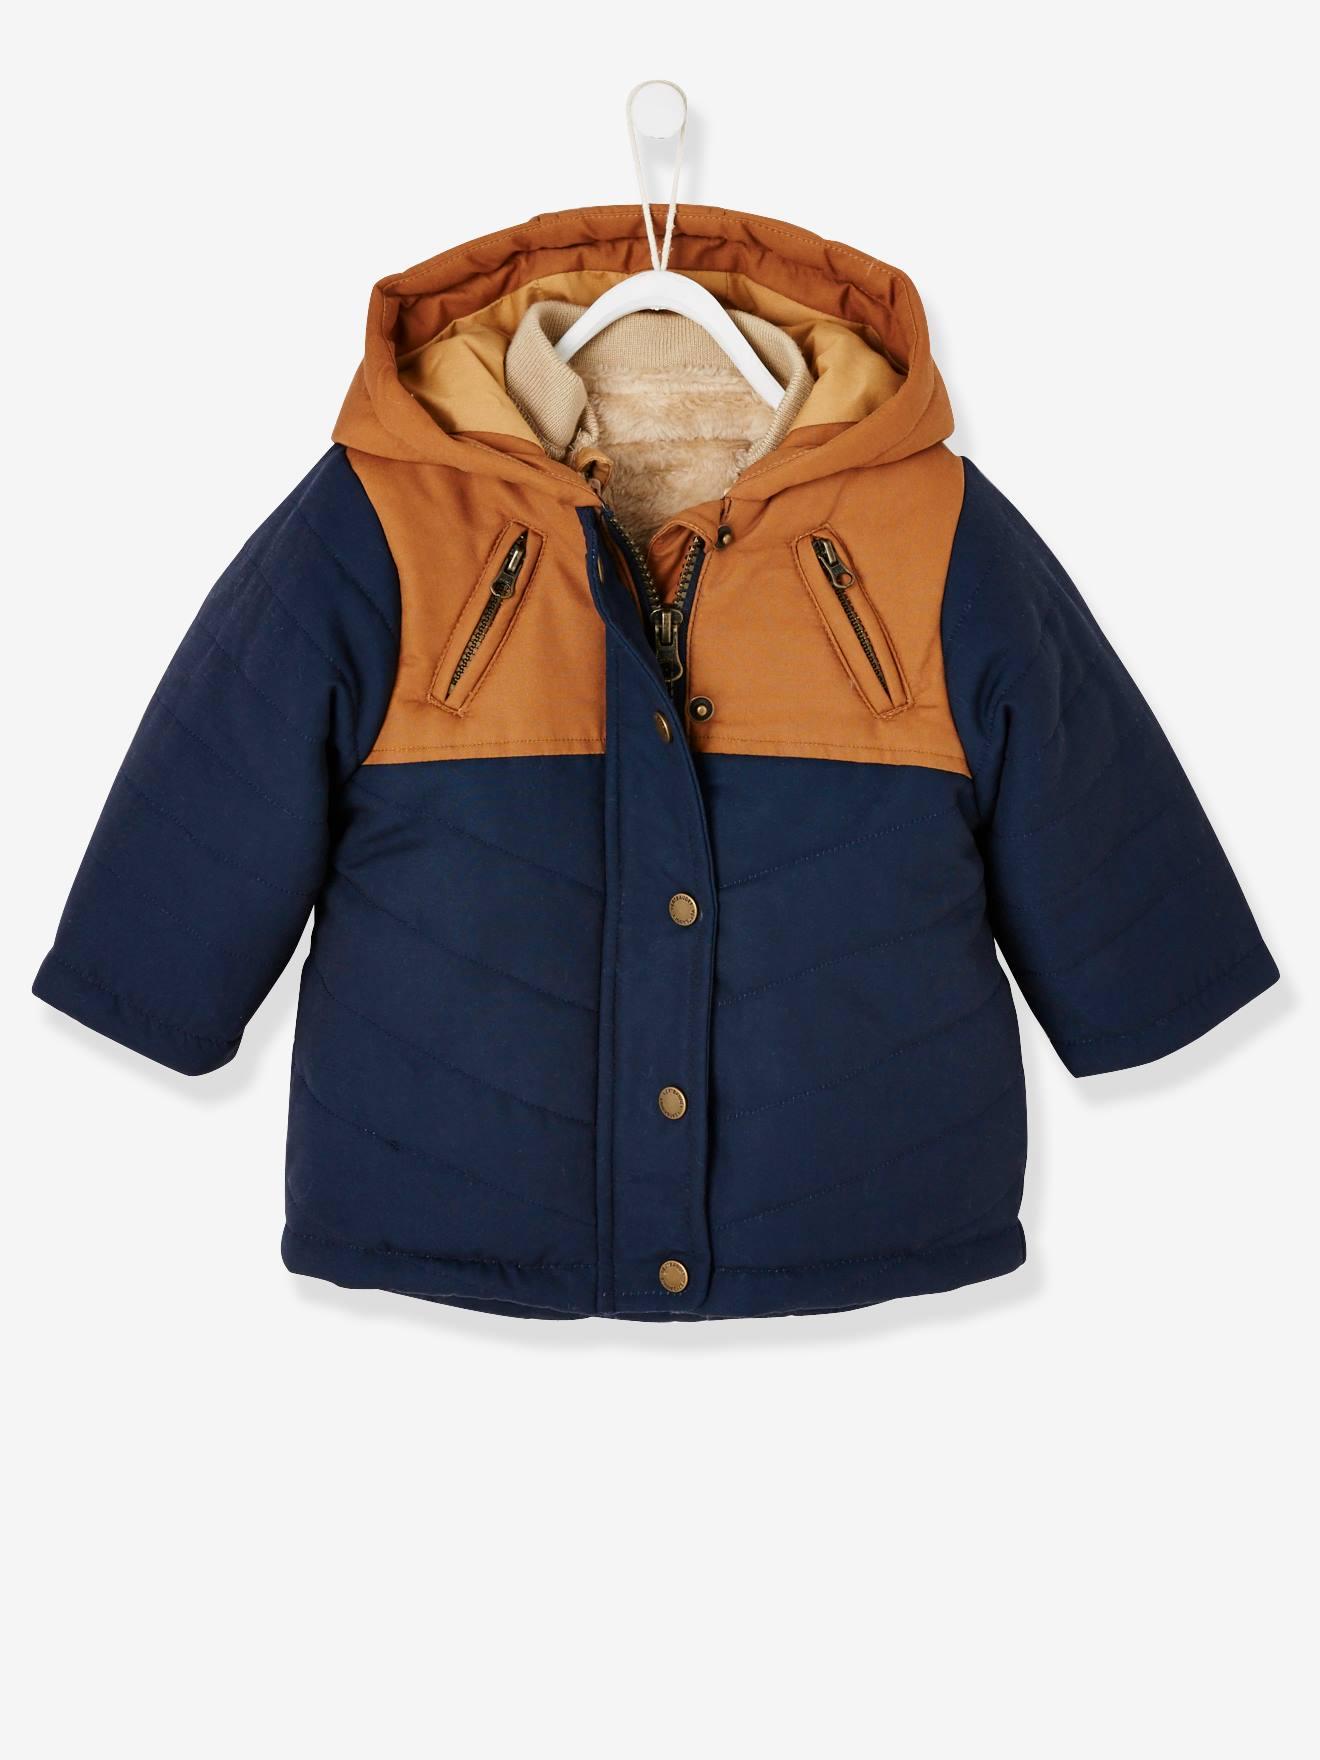 manteau chaud bebe 12 mois capuche amovible